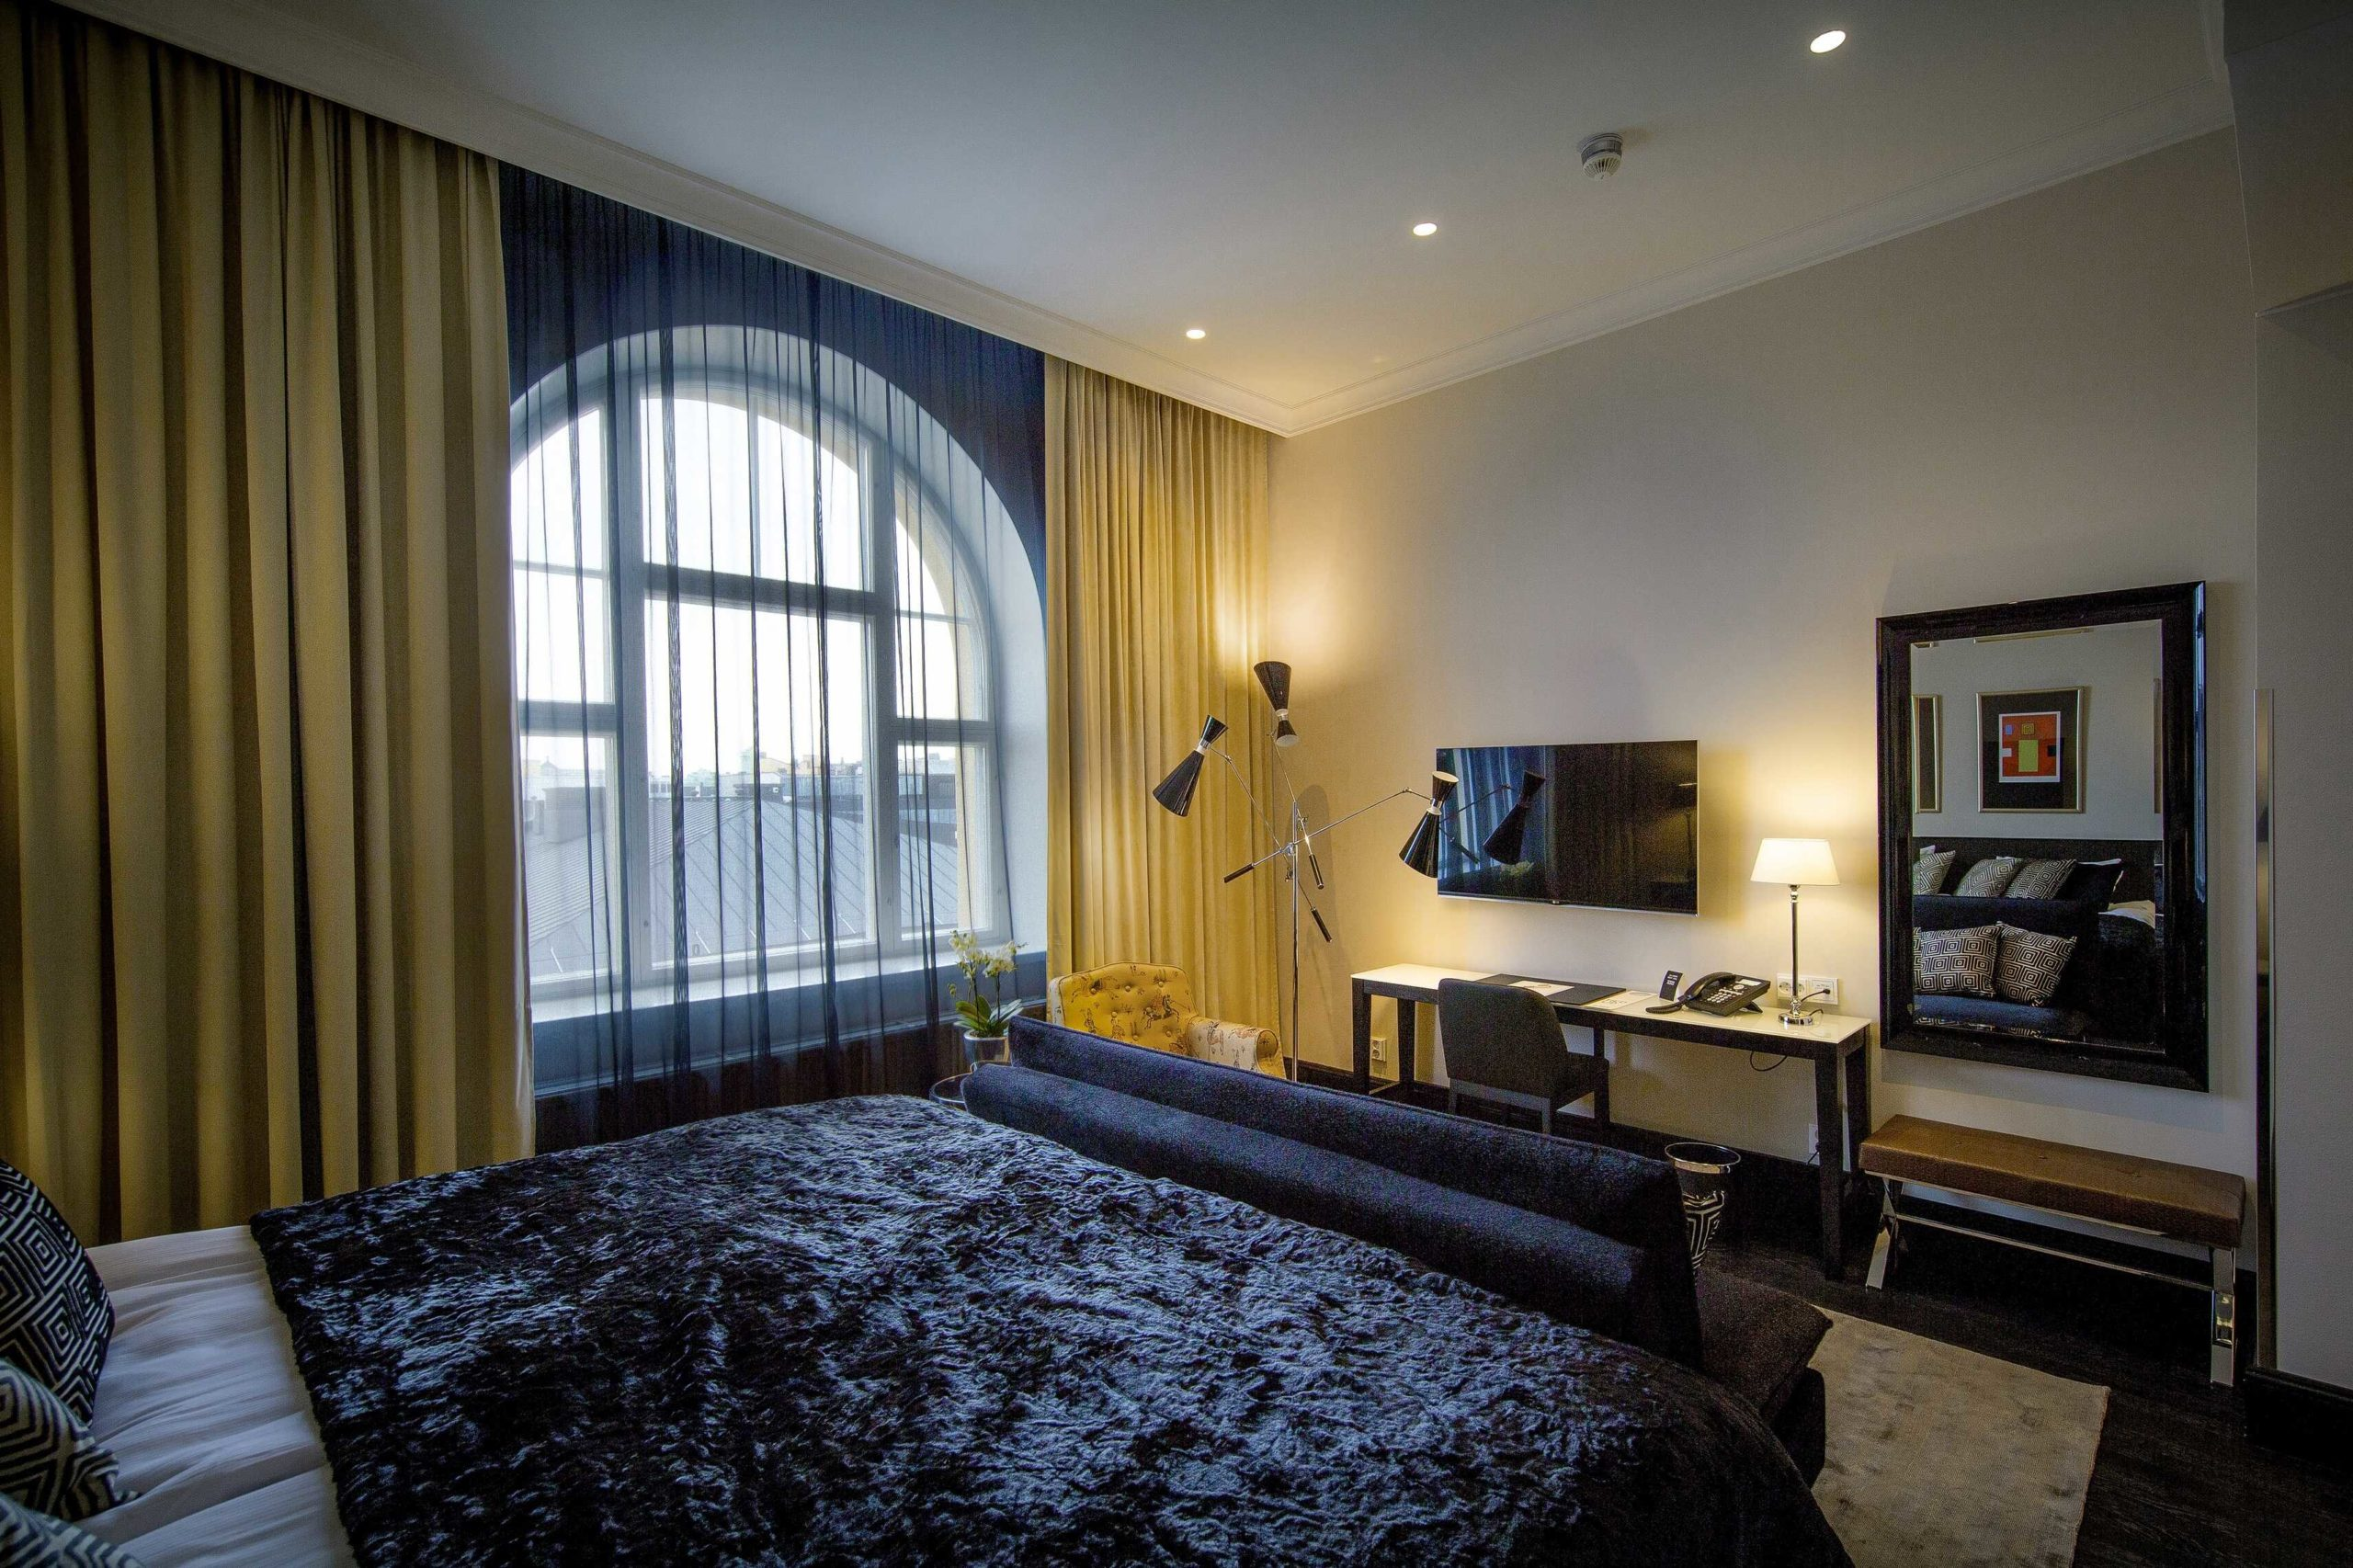 Tällä sängyllä Alvarkin mielellään pomppisi. Kuva: Lilla Roberts.